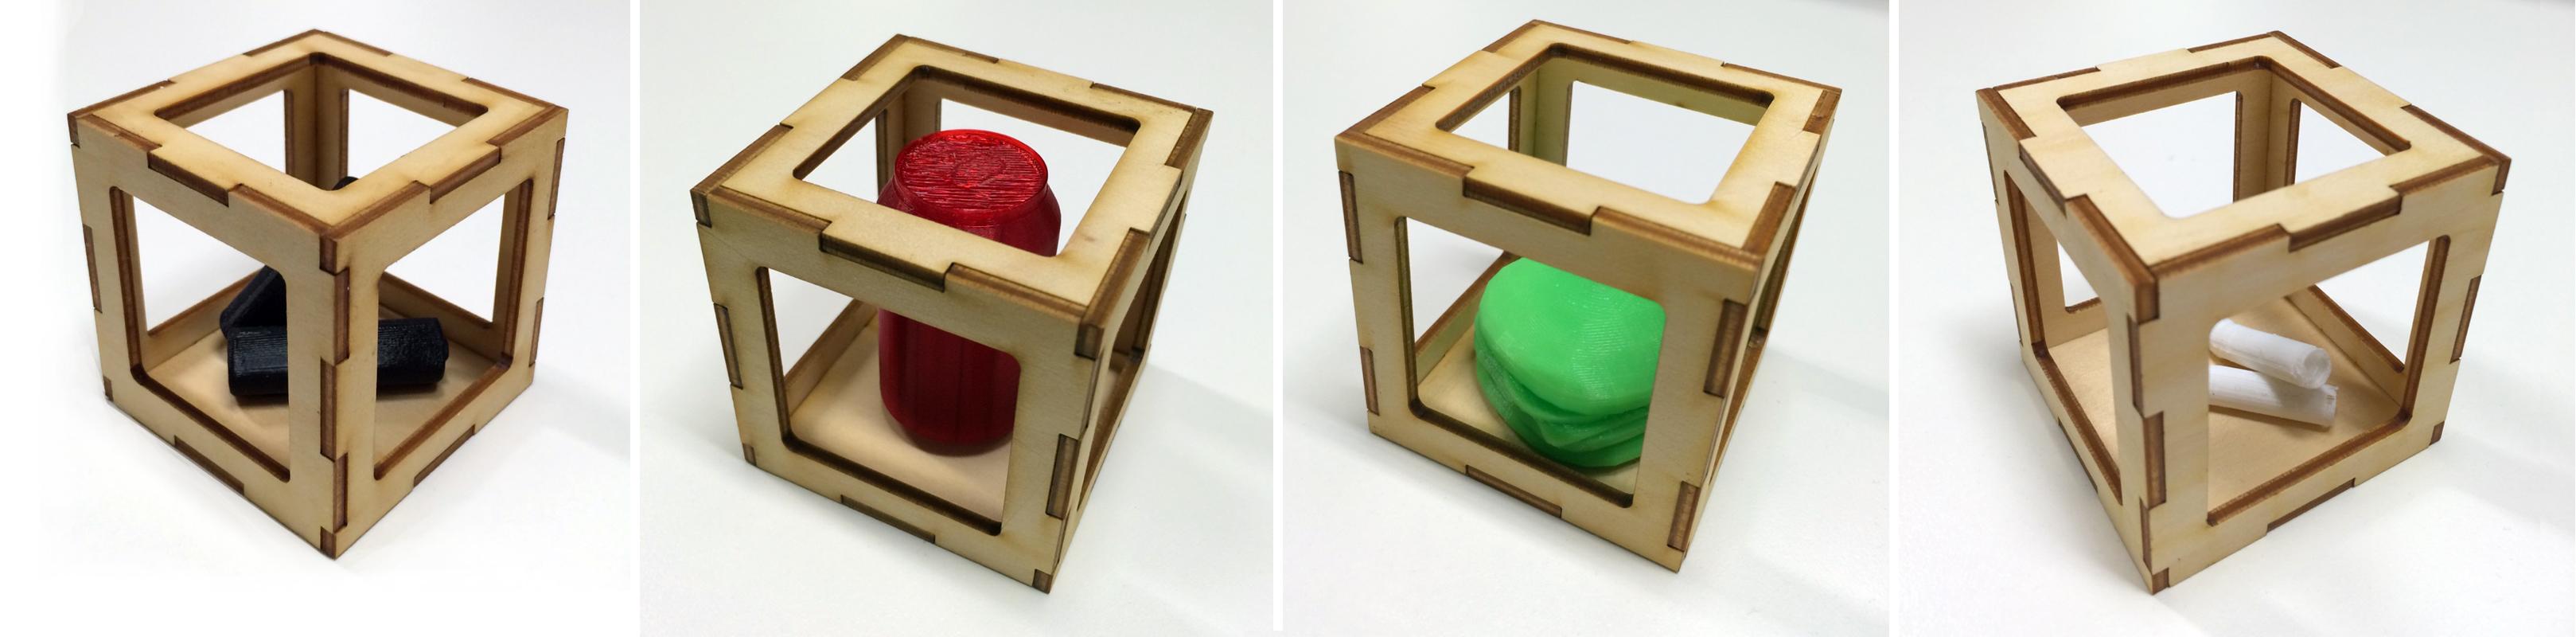 AR Marker + 3D Print Object + Laser cuts